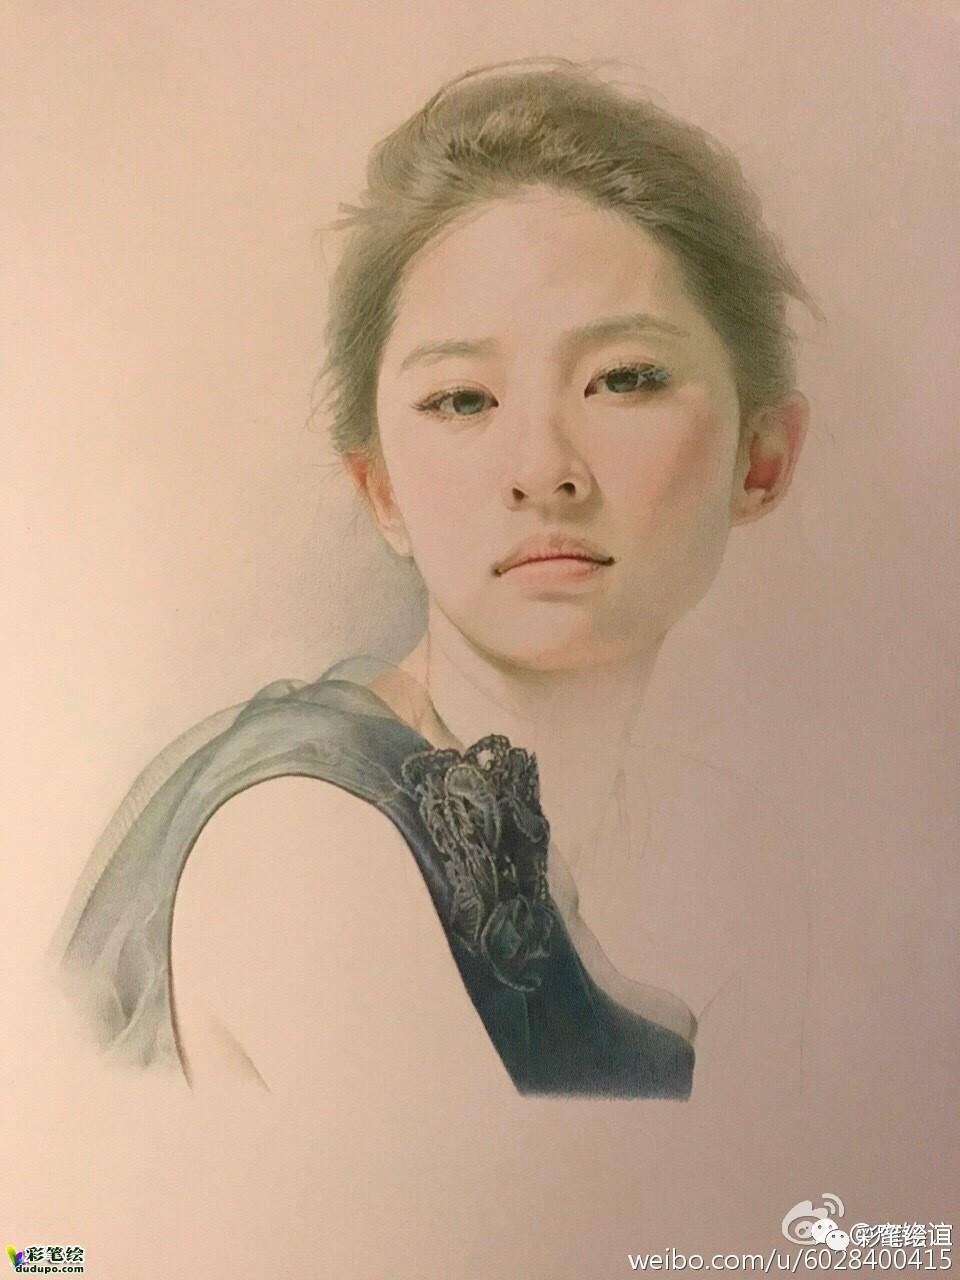 画人不容易,彩铅美女人物肖像过程图